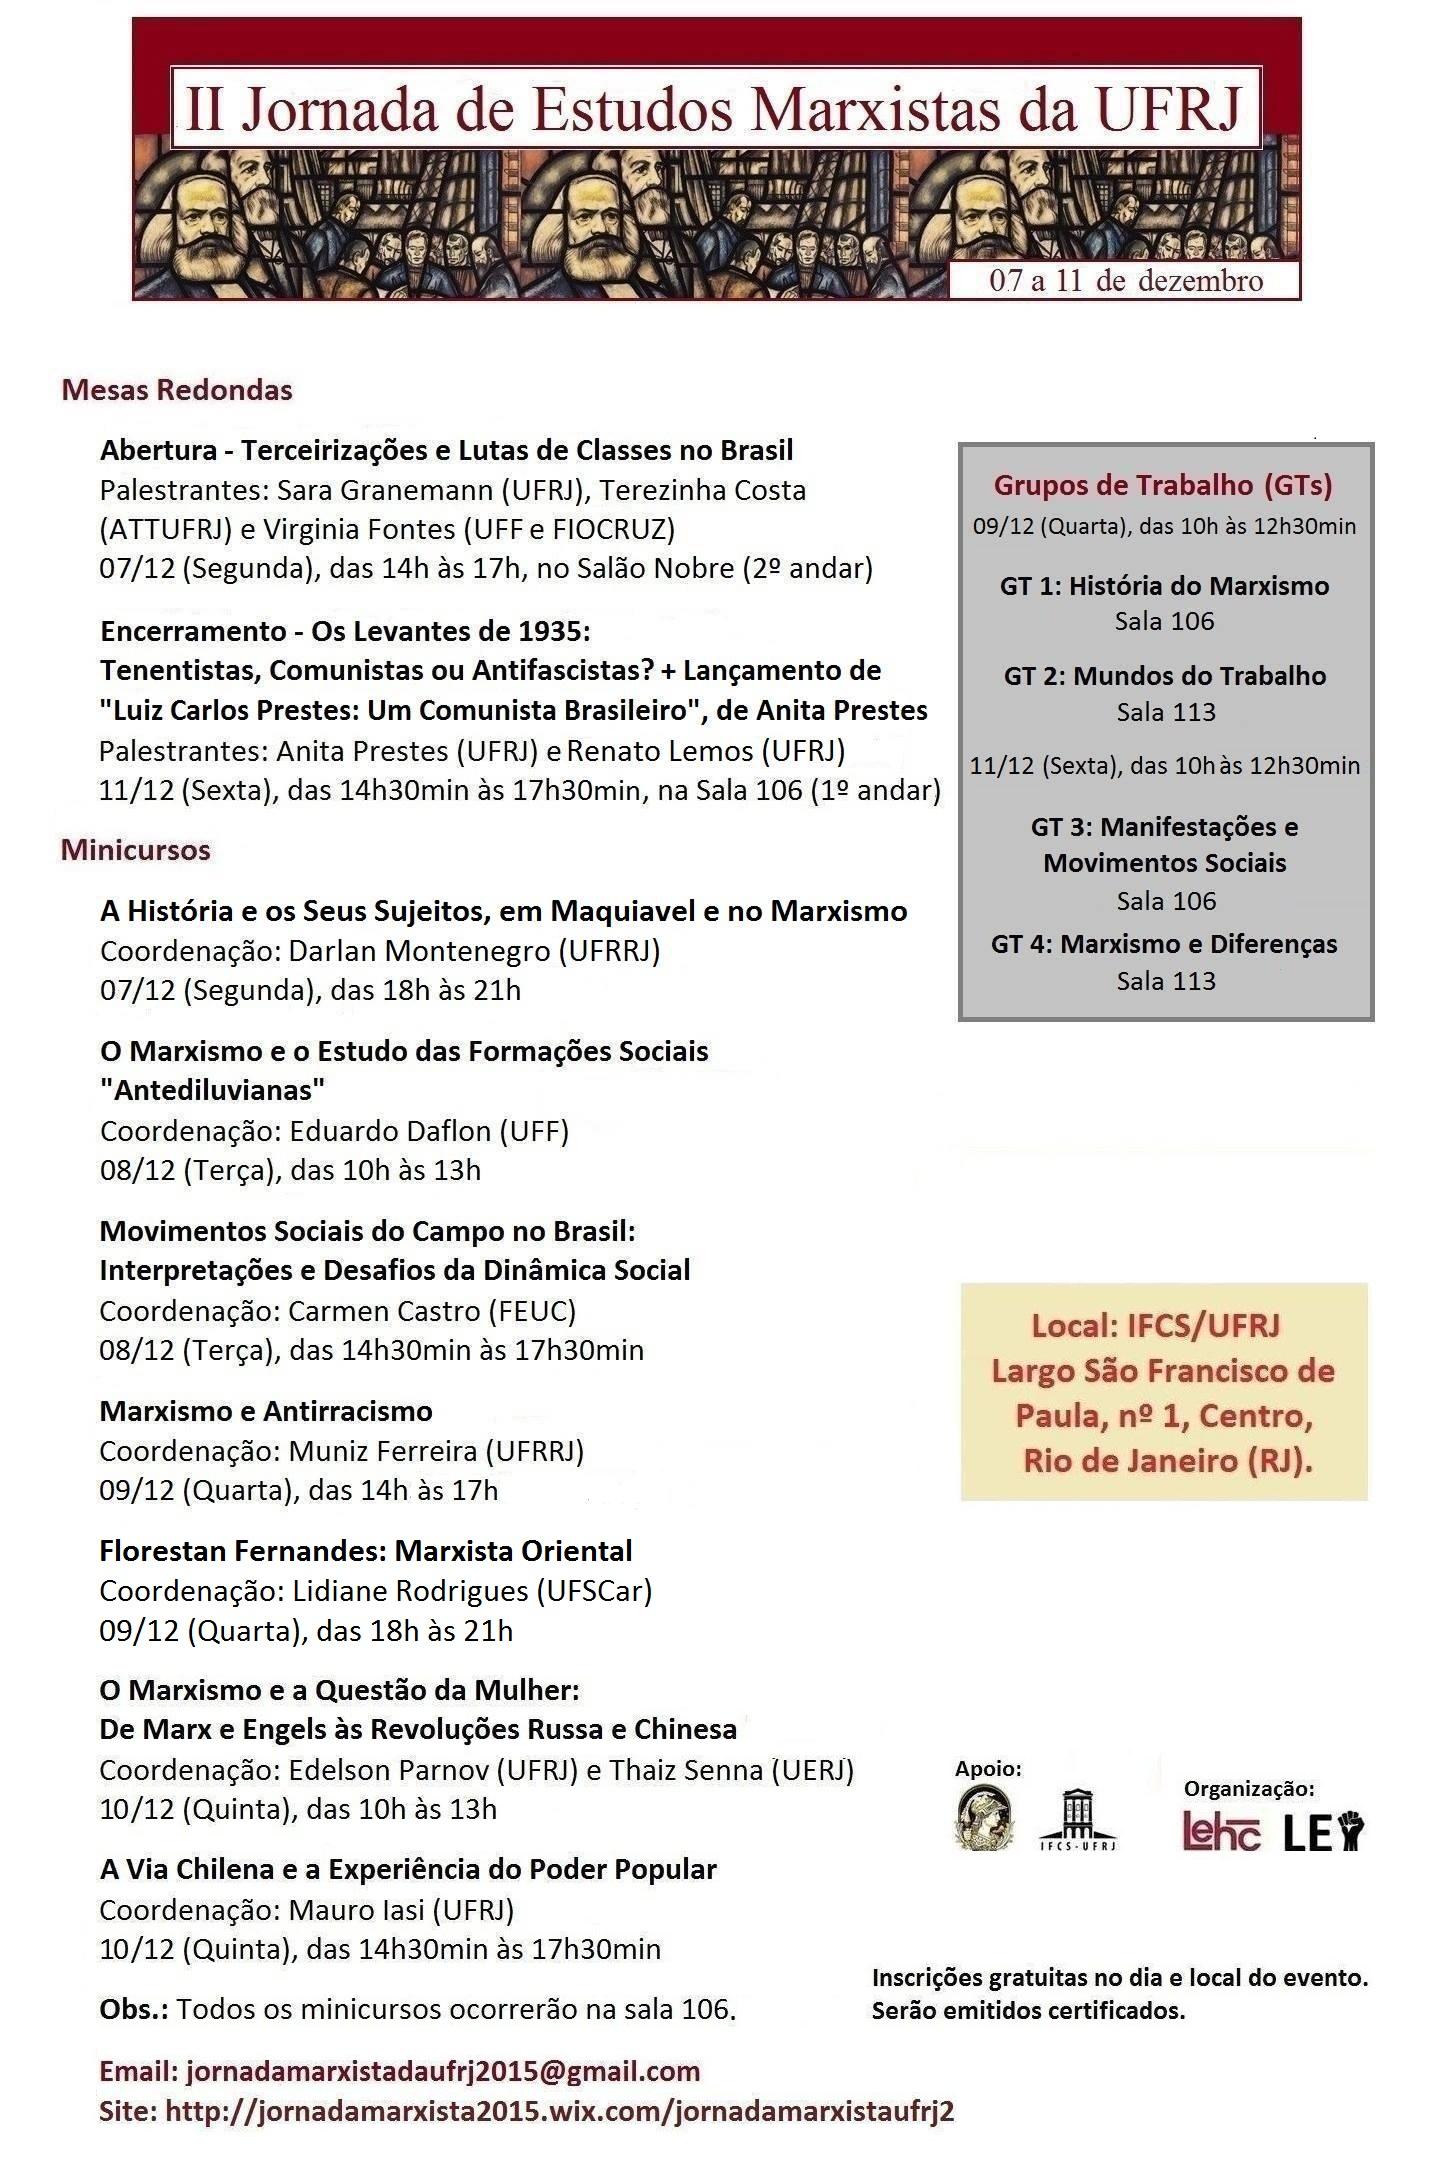 II Jornada de Estudos Marxistas da UFRJ